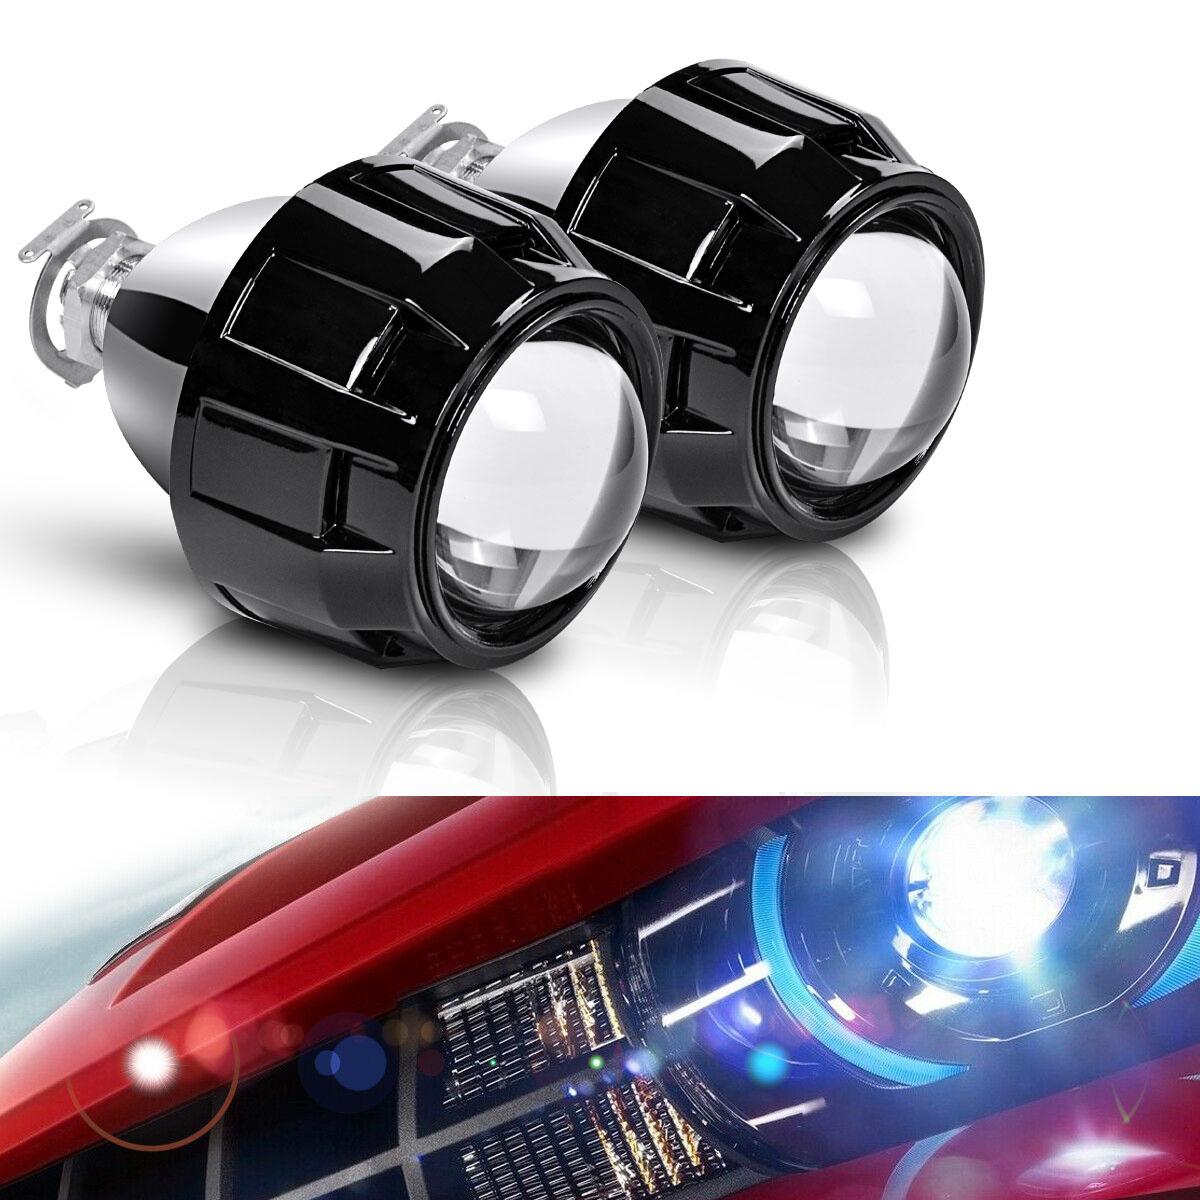 2pcs hid bixenon xenon kit bulb 35w 4300k 6000k H1 H7 9005 styling Car light TYU